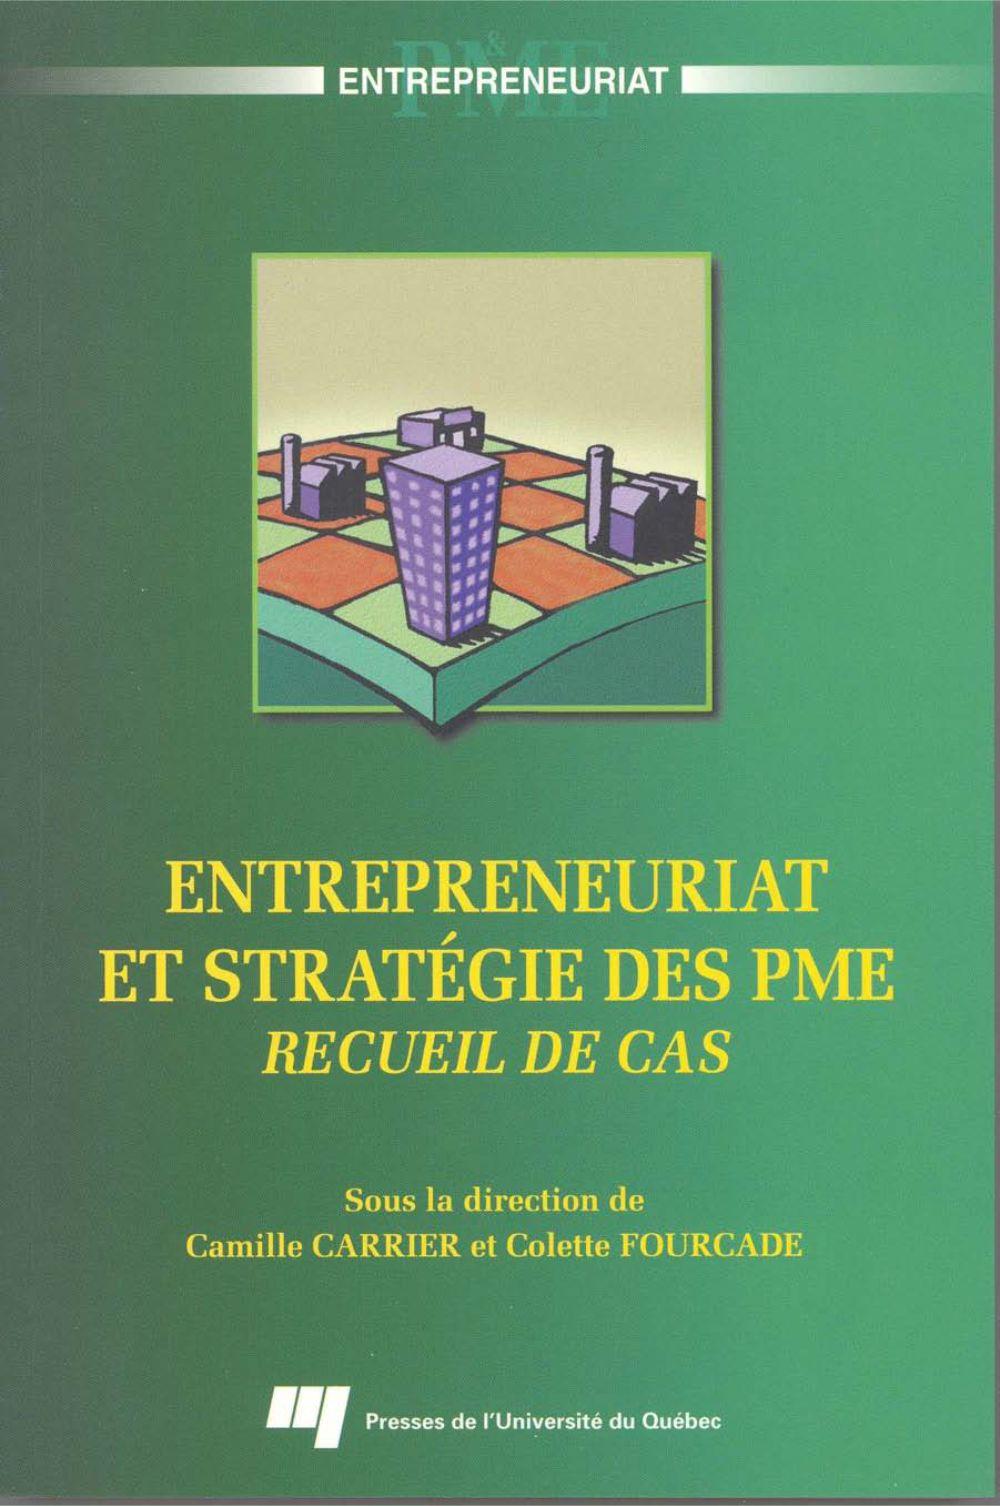 Entrepreneuriat et stratégie des PME